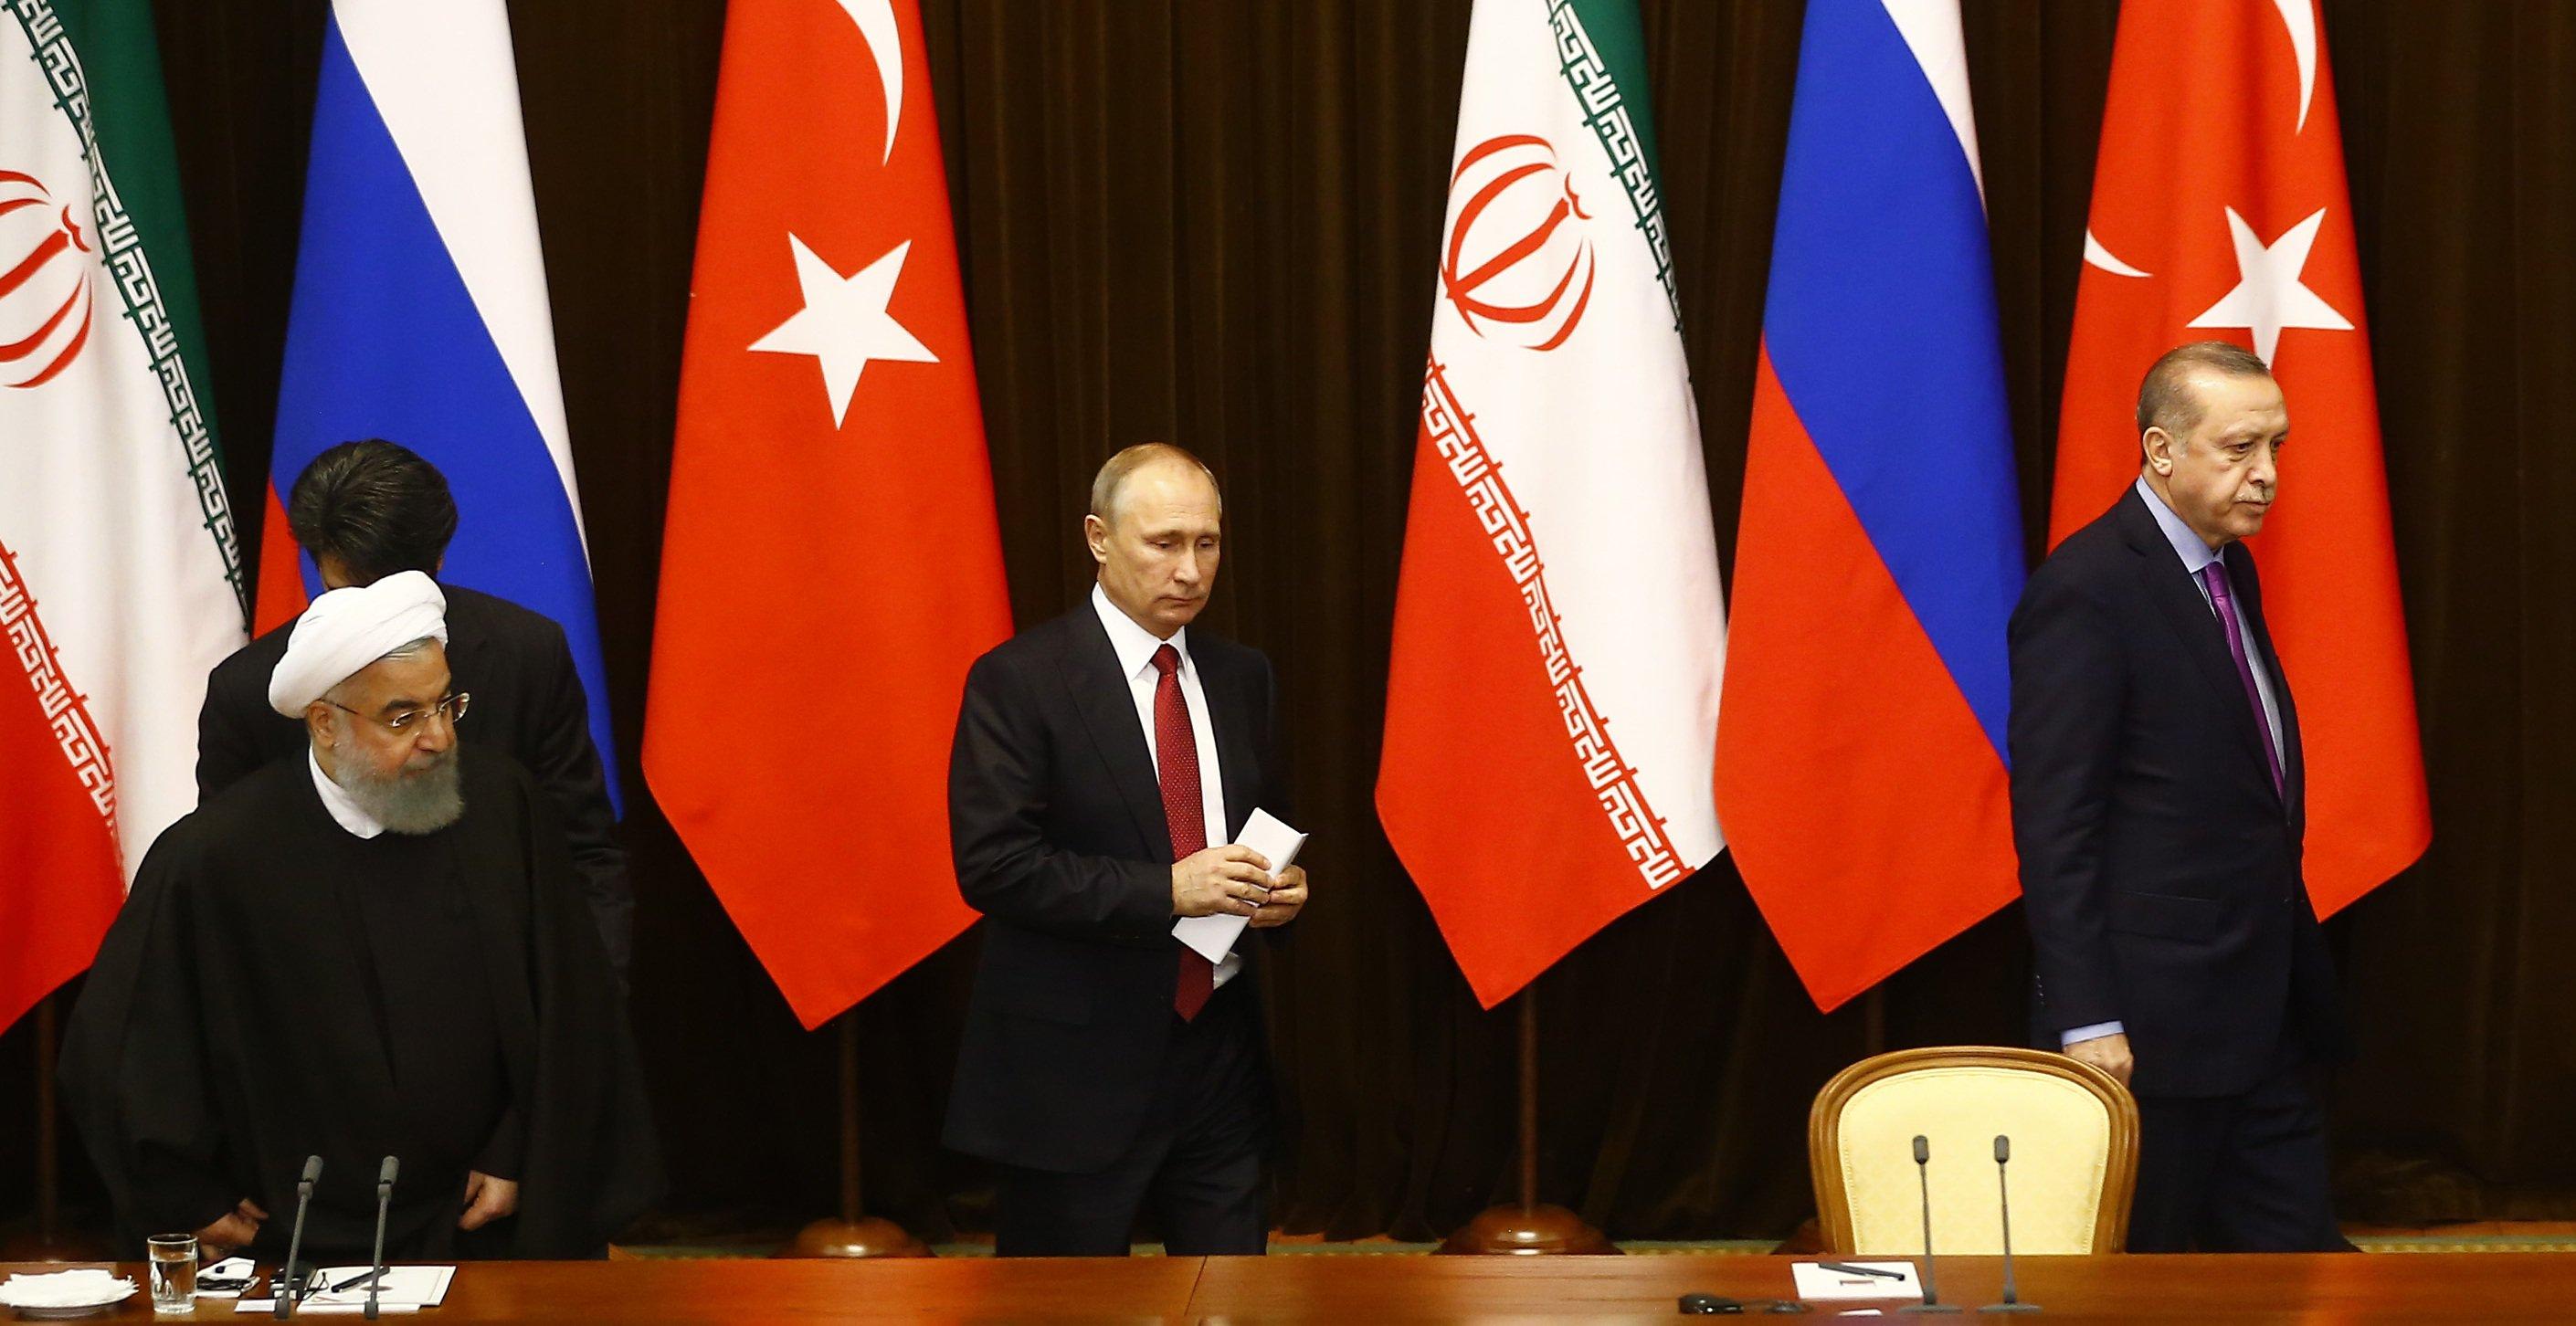 معضلة إيران وتركيا وروسيا فى سوريا قبل قمة طهران